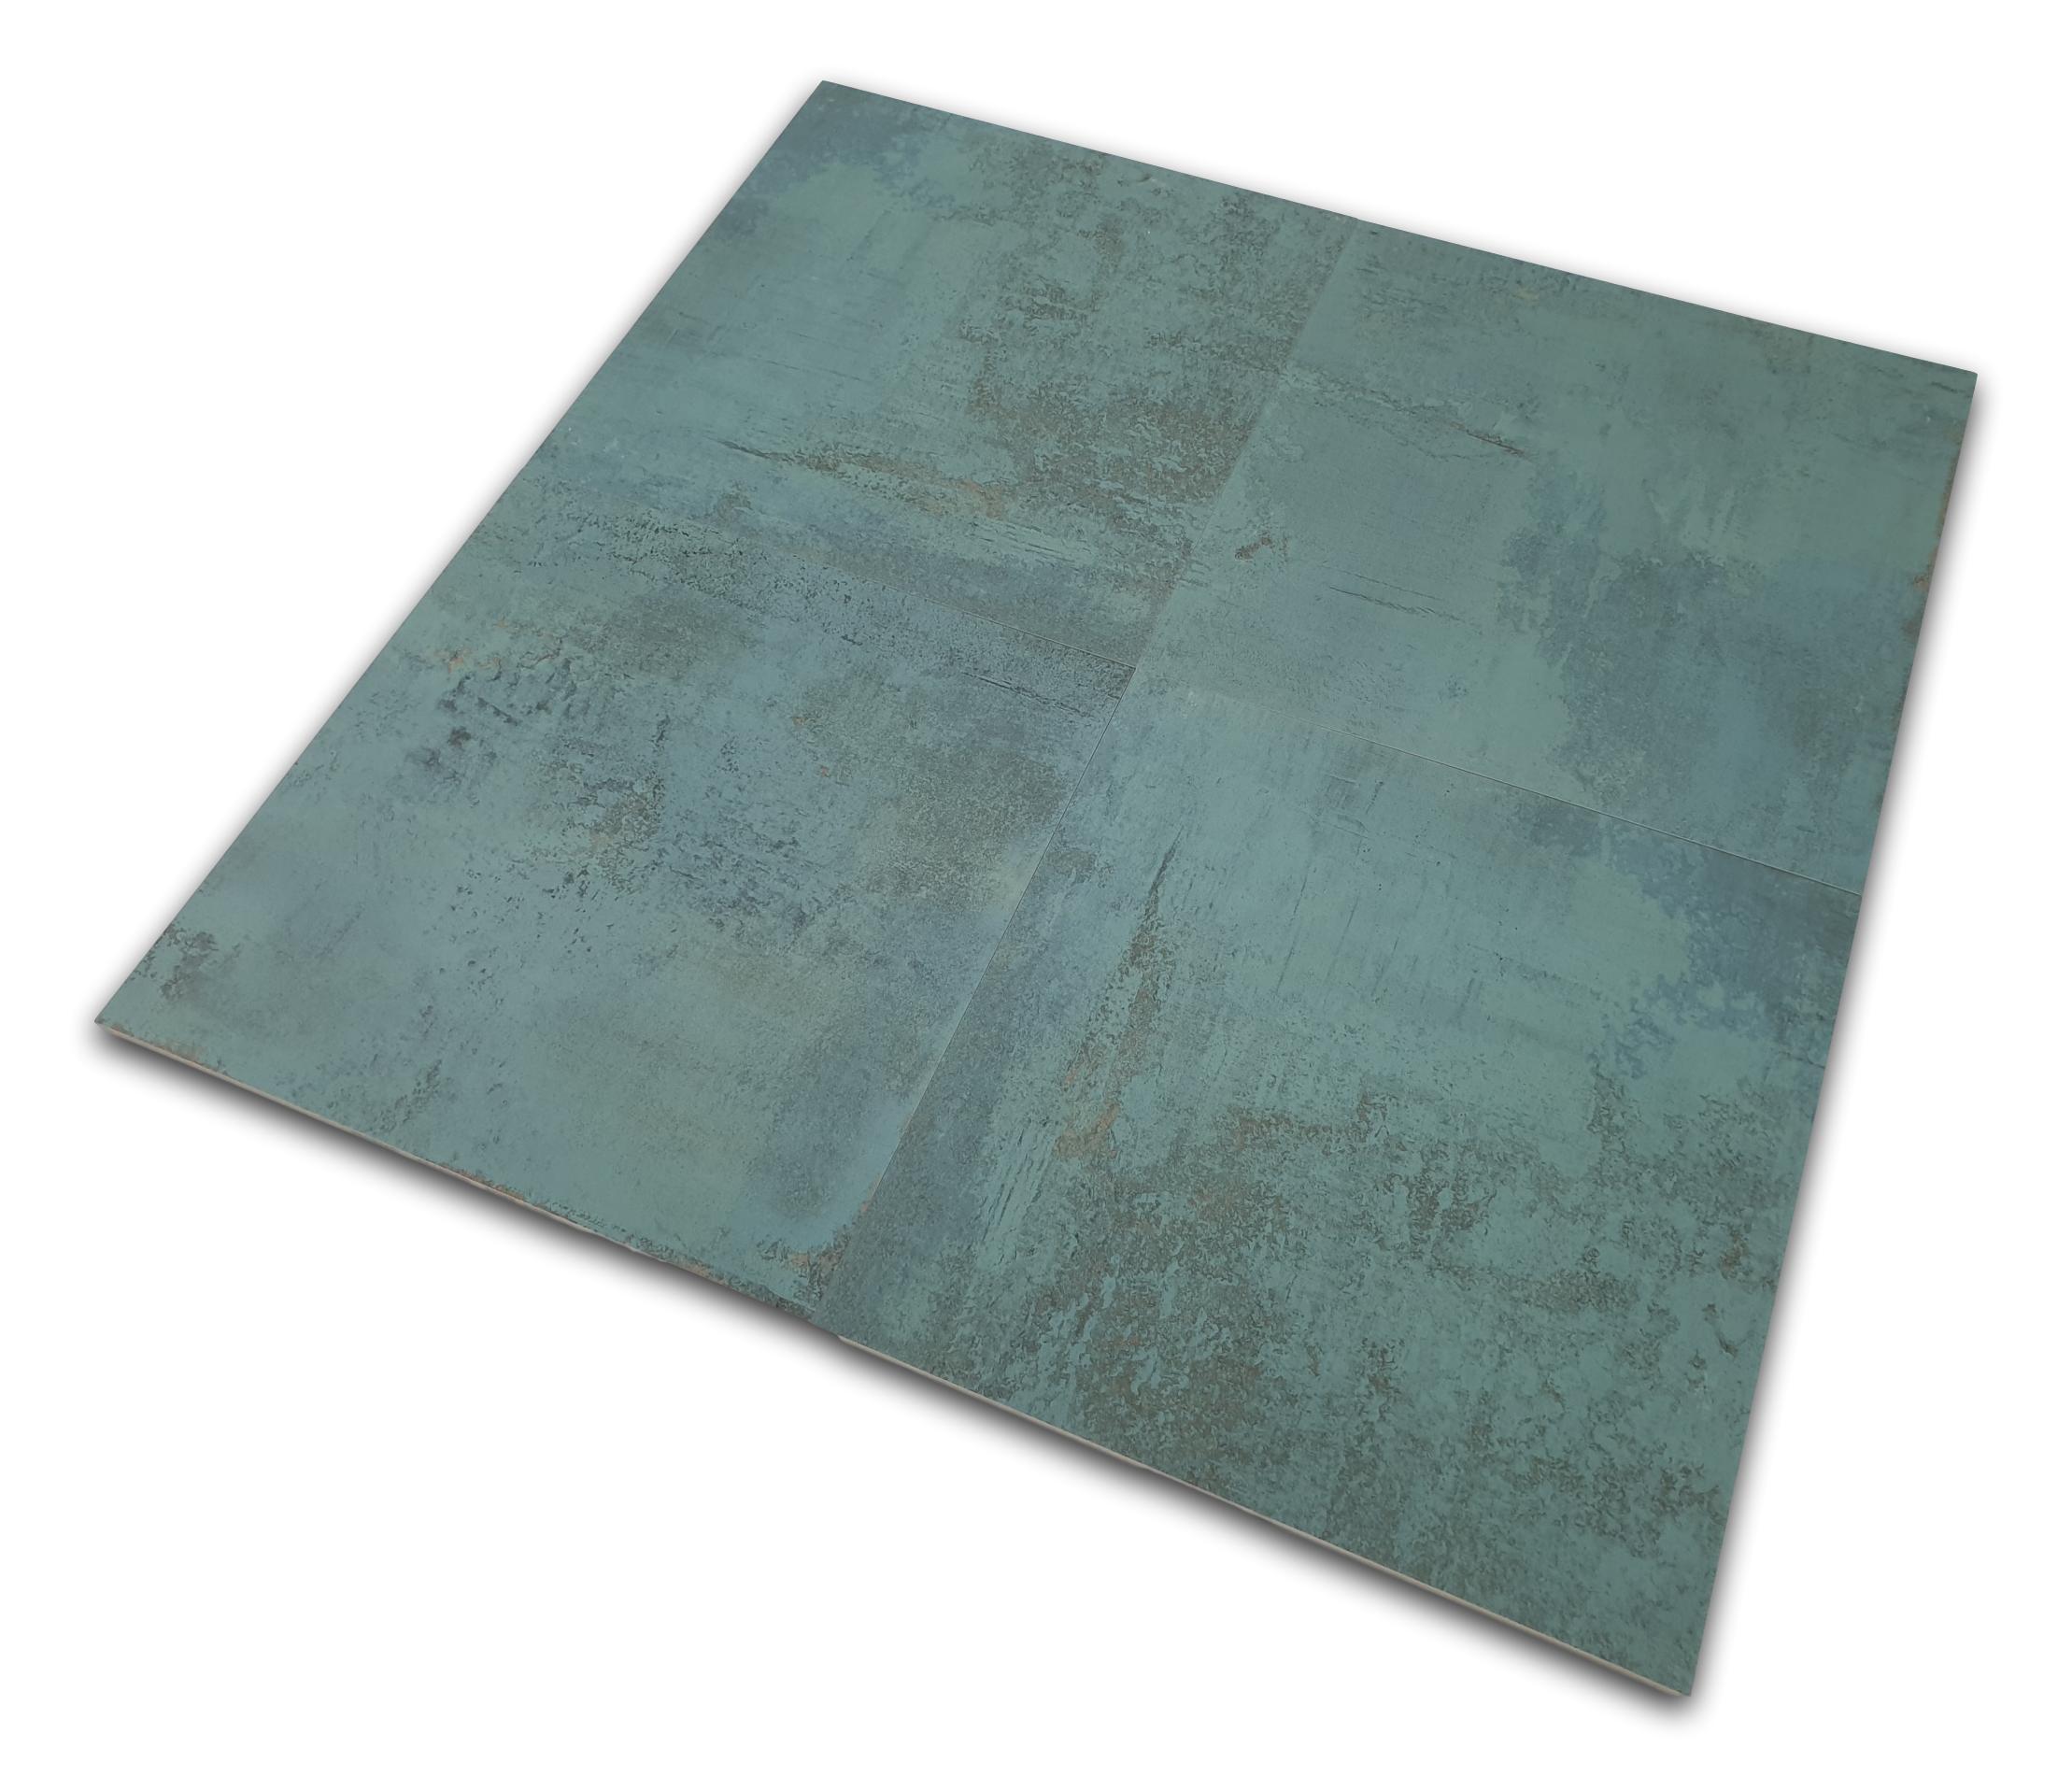 Metallic Green Natural 59.55x59.55 płytki podłogowe metalizowane nowoczesne